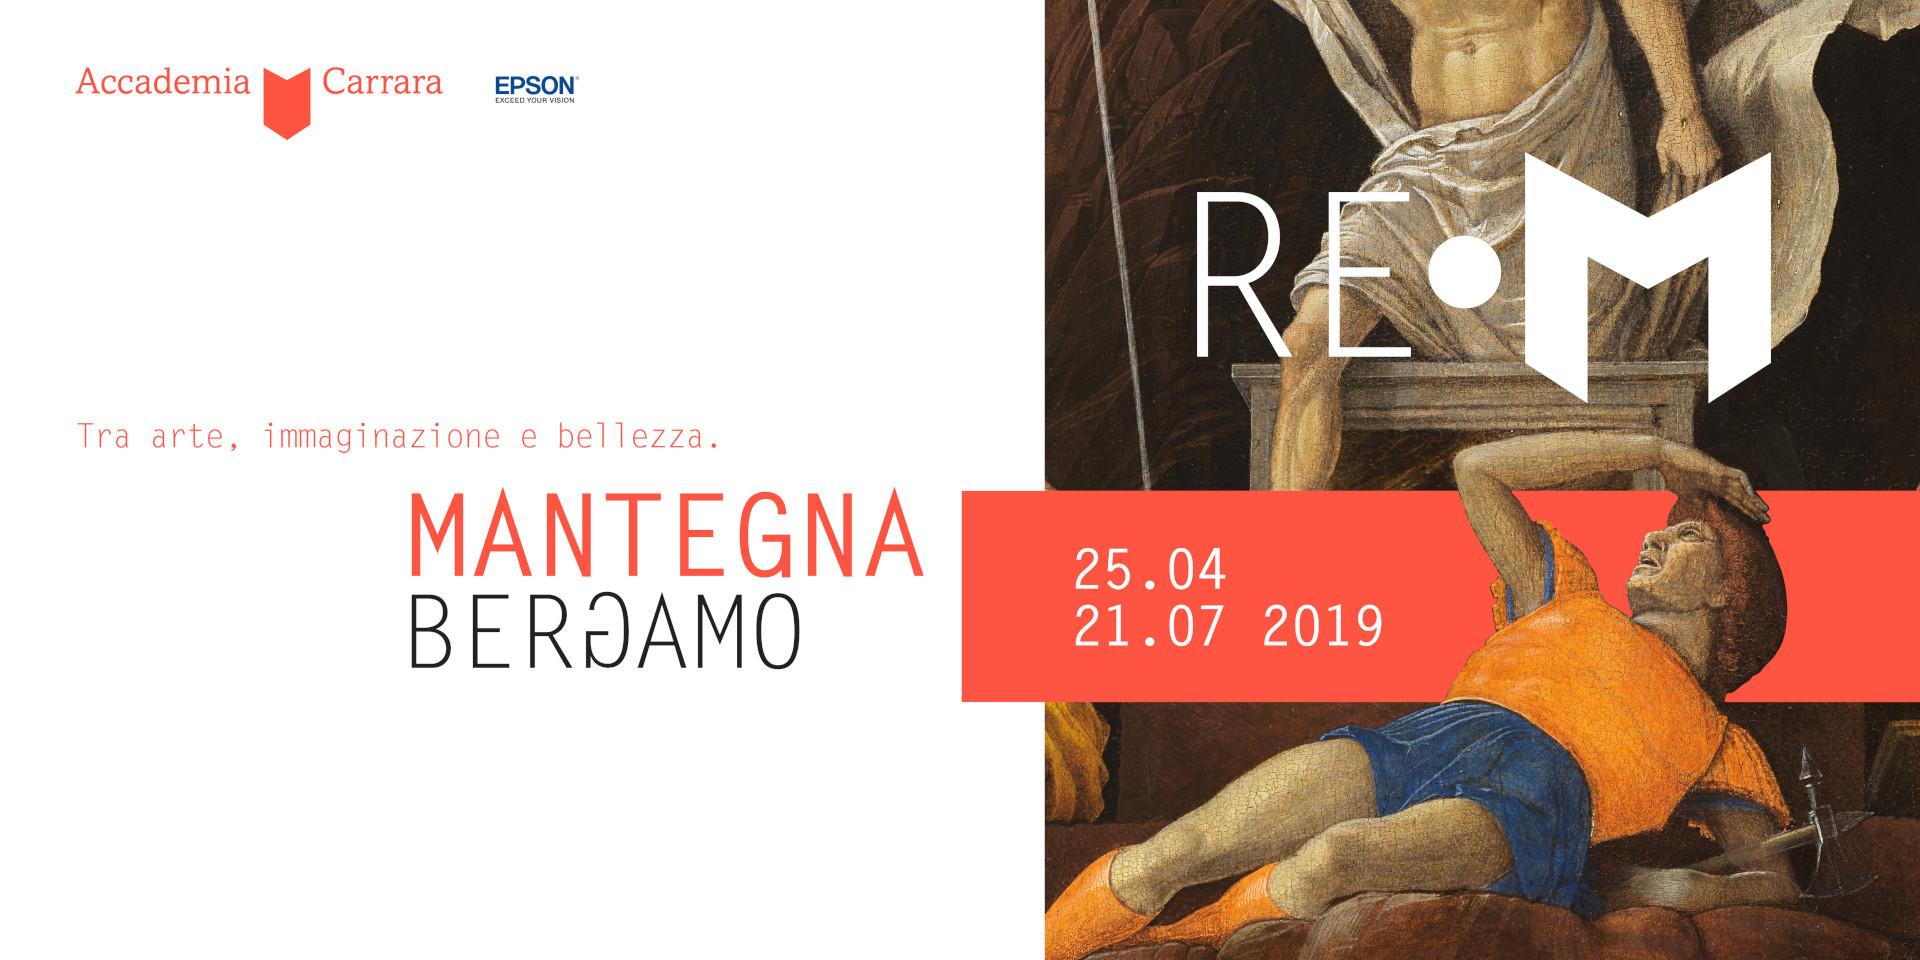 A Bergamo la Resurrezione di Mantegna è protagonista di una mostra immersiva all'Accademia Carrara